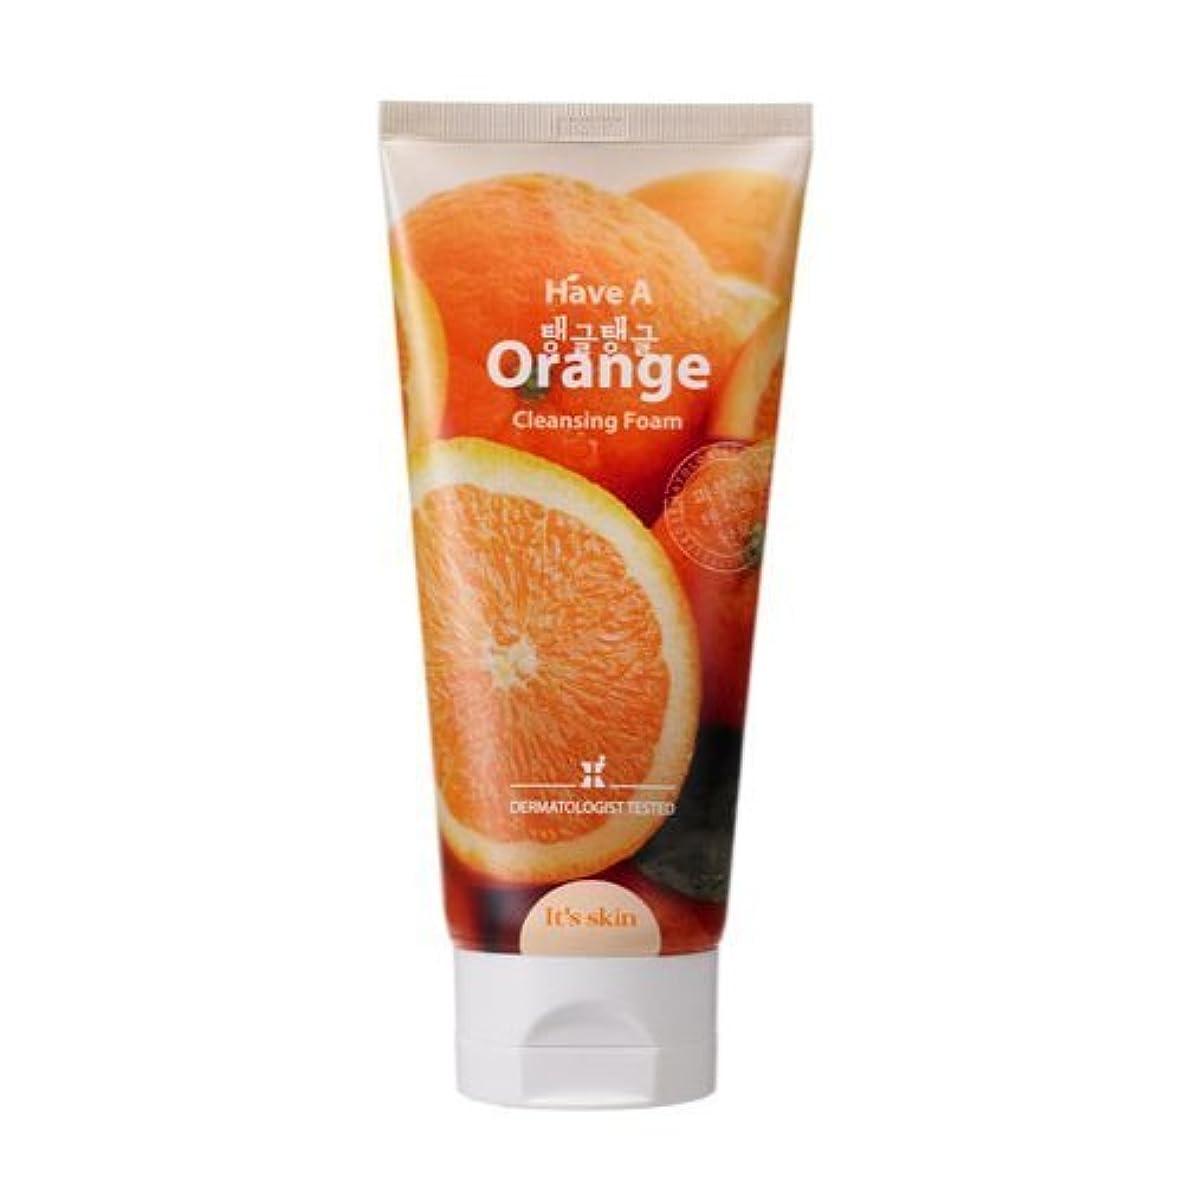 十分な方向手のひらit's skin ハブア オレンジ クレンジングフォーム 150ml